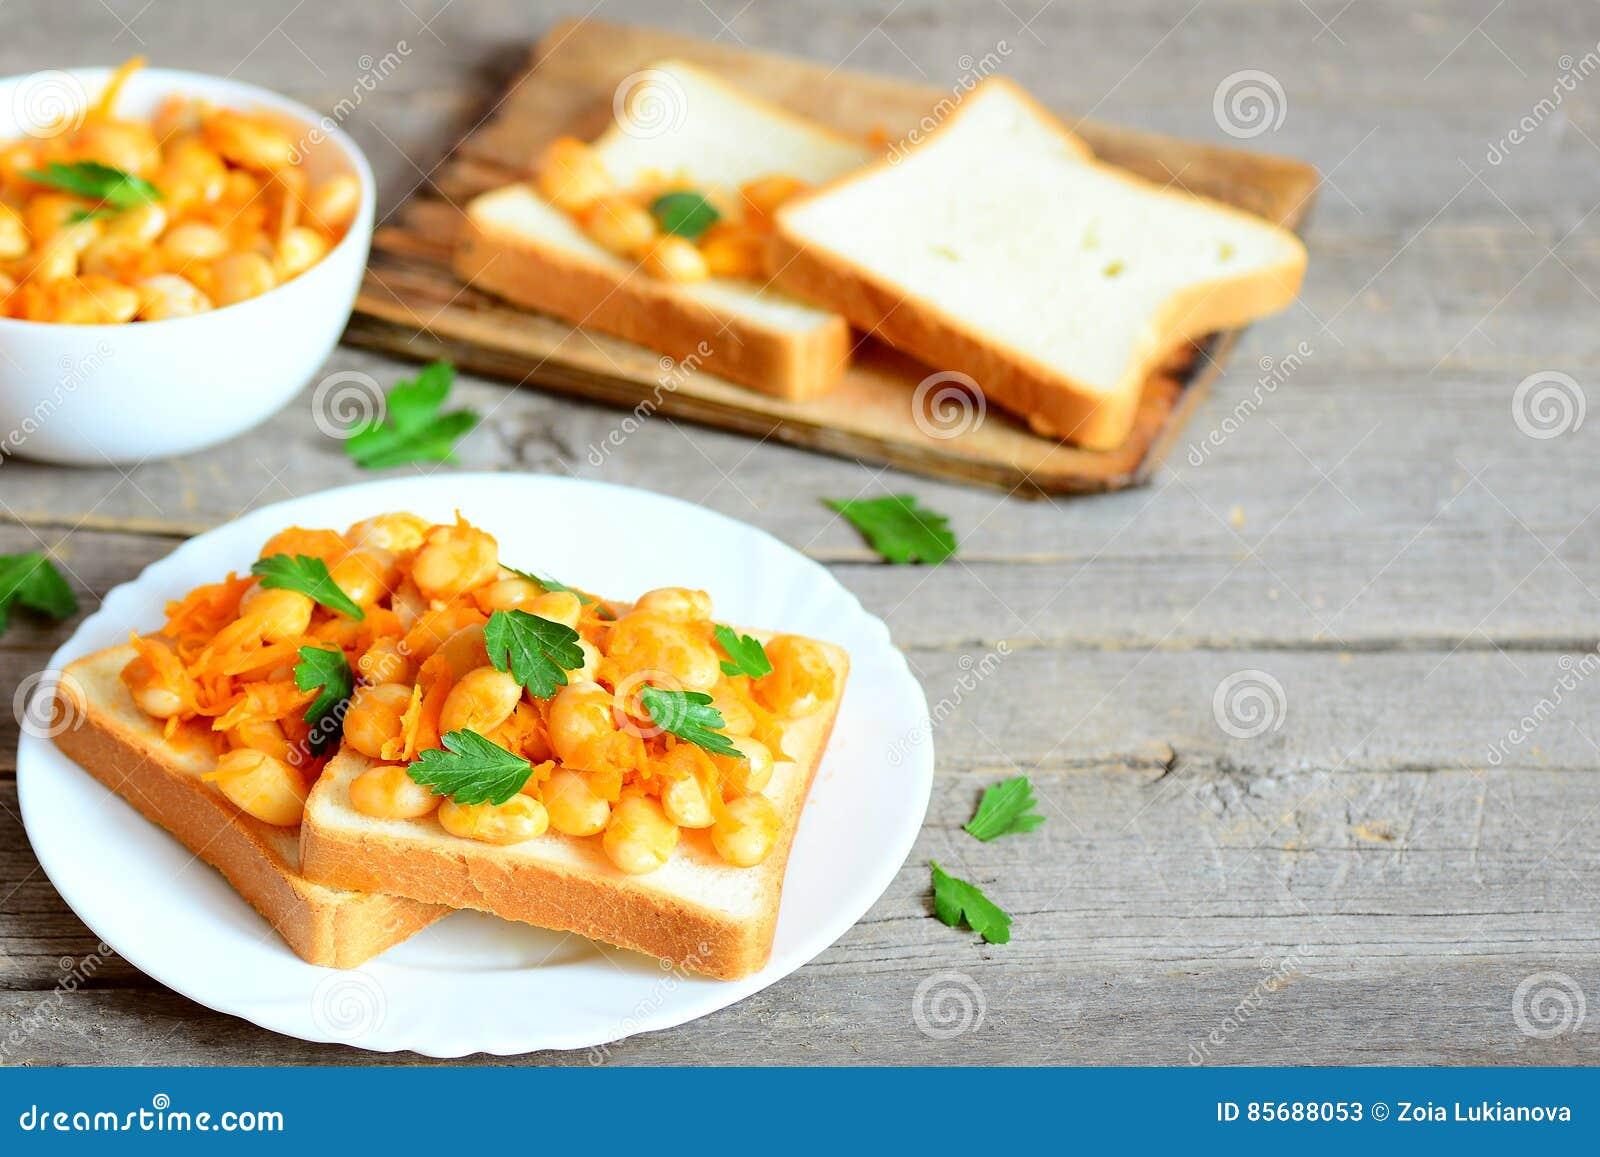 Haricots cuits au four avec des légumes sur le pain blanc et de plat Haricots blancs cuits au four dans une cuvette, tranches de